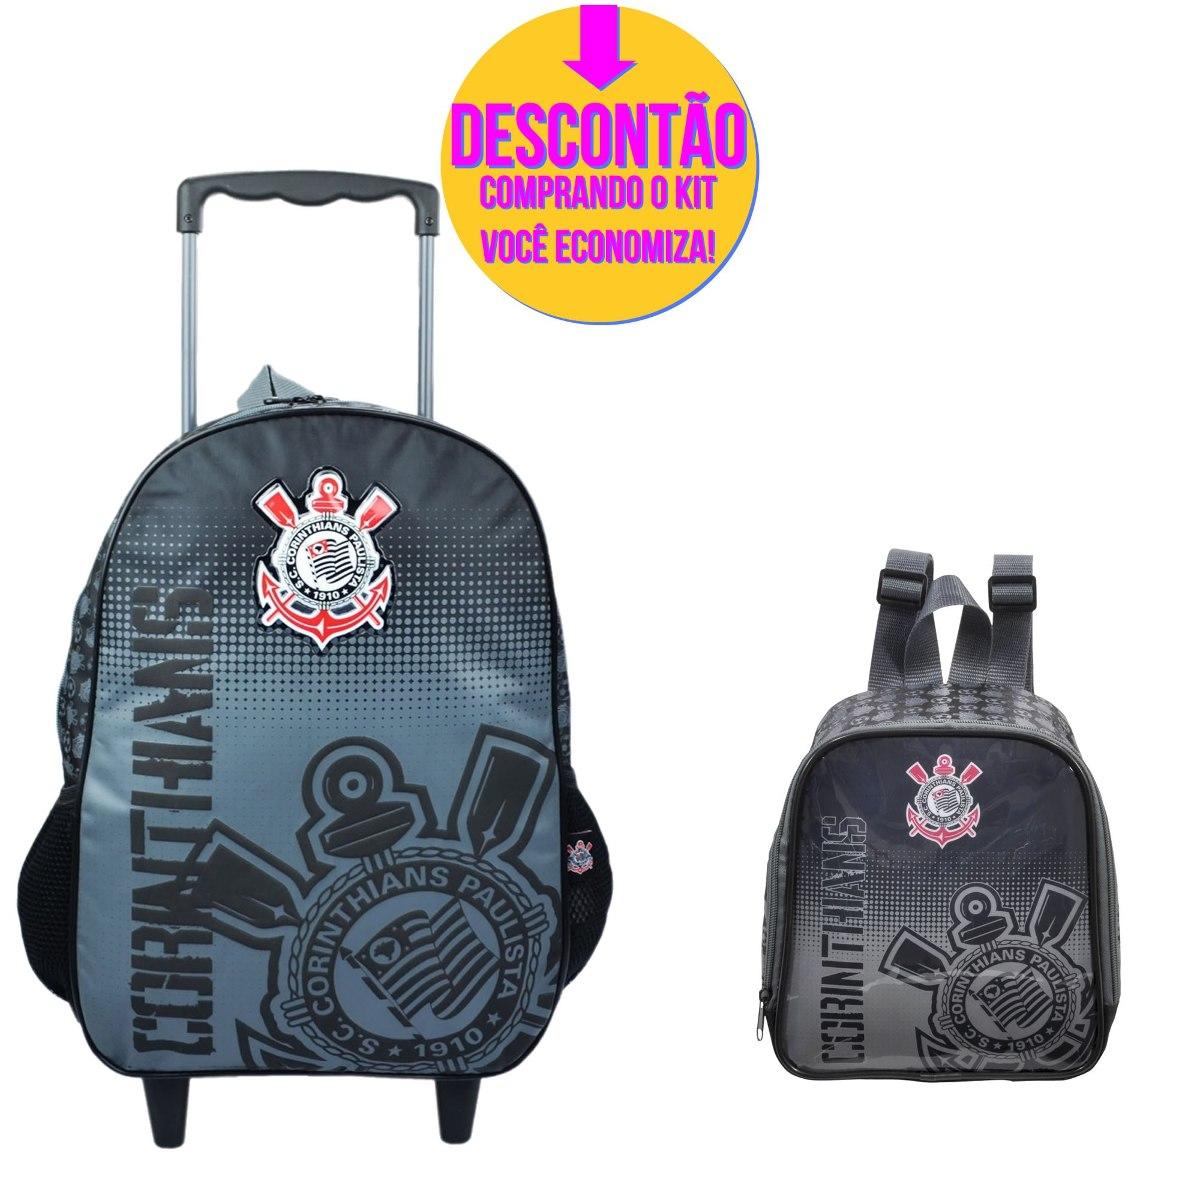 81c1ae2b2 Kit Escolar Mochila Rodinha Corinthians - 586cor - R$ 249,14 em ...